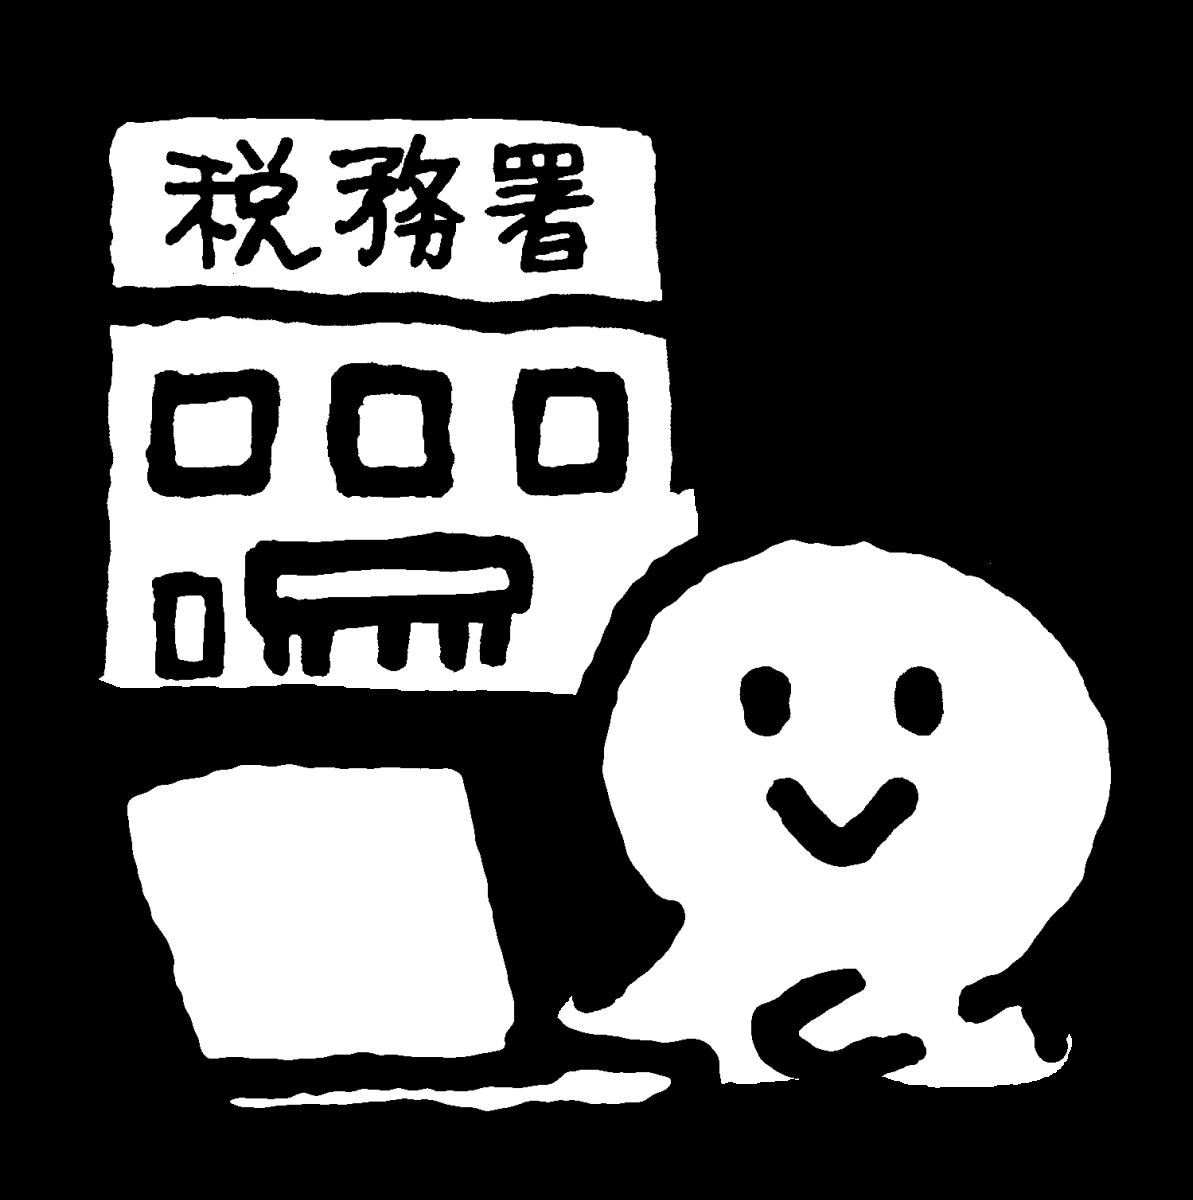 税務署とのイラスト / With the tax office Illustration